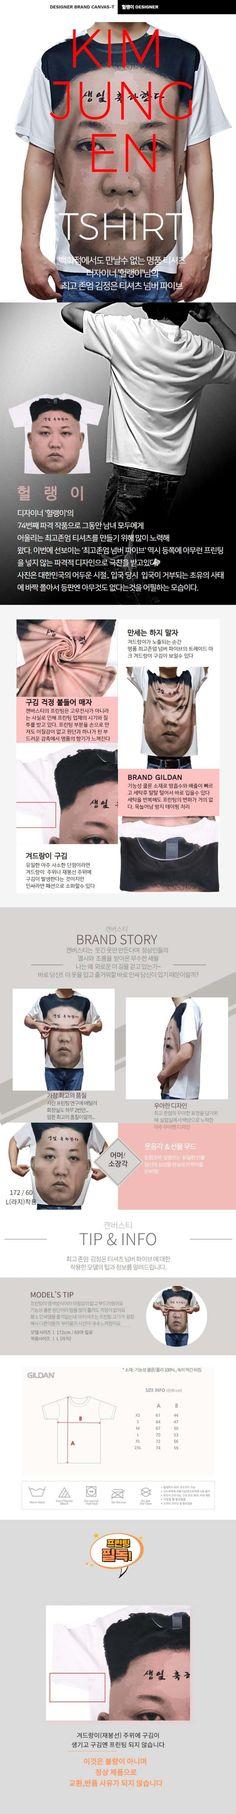 최고존엄 김정은 티셔츠 넘버파이브 만들기 - 프린팅 랩 [캔버스티] - 단독